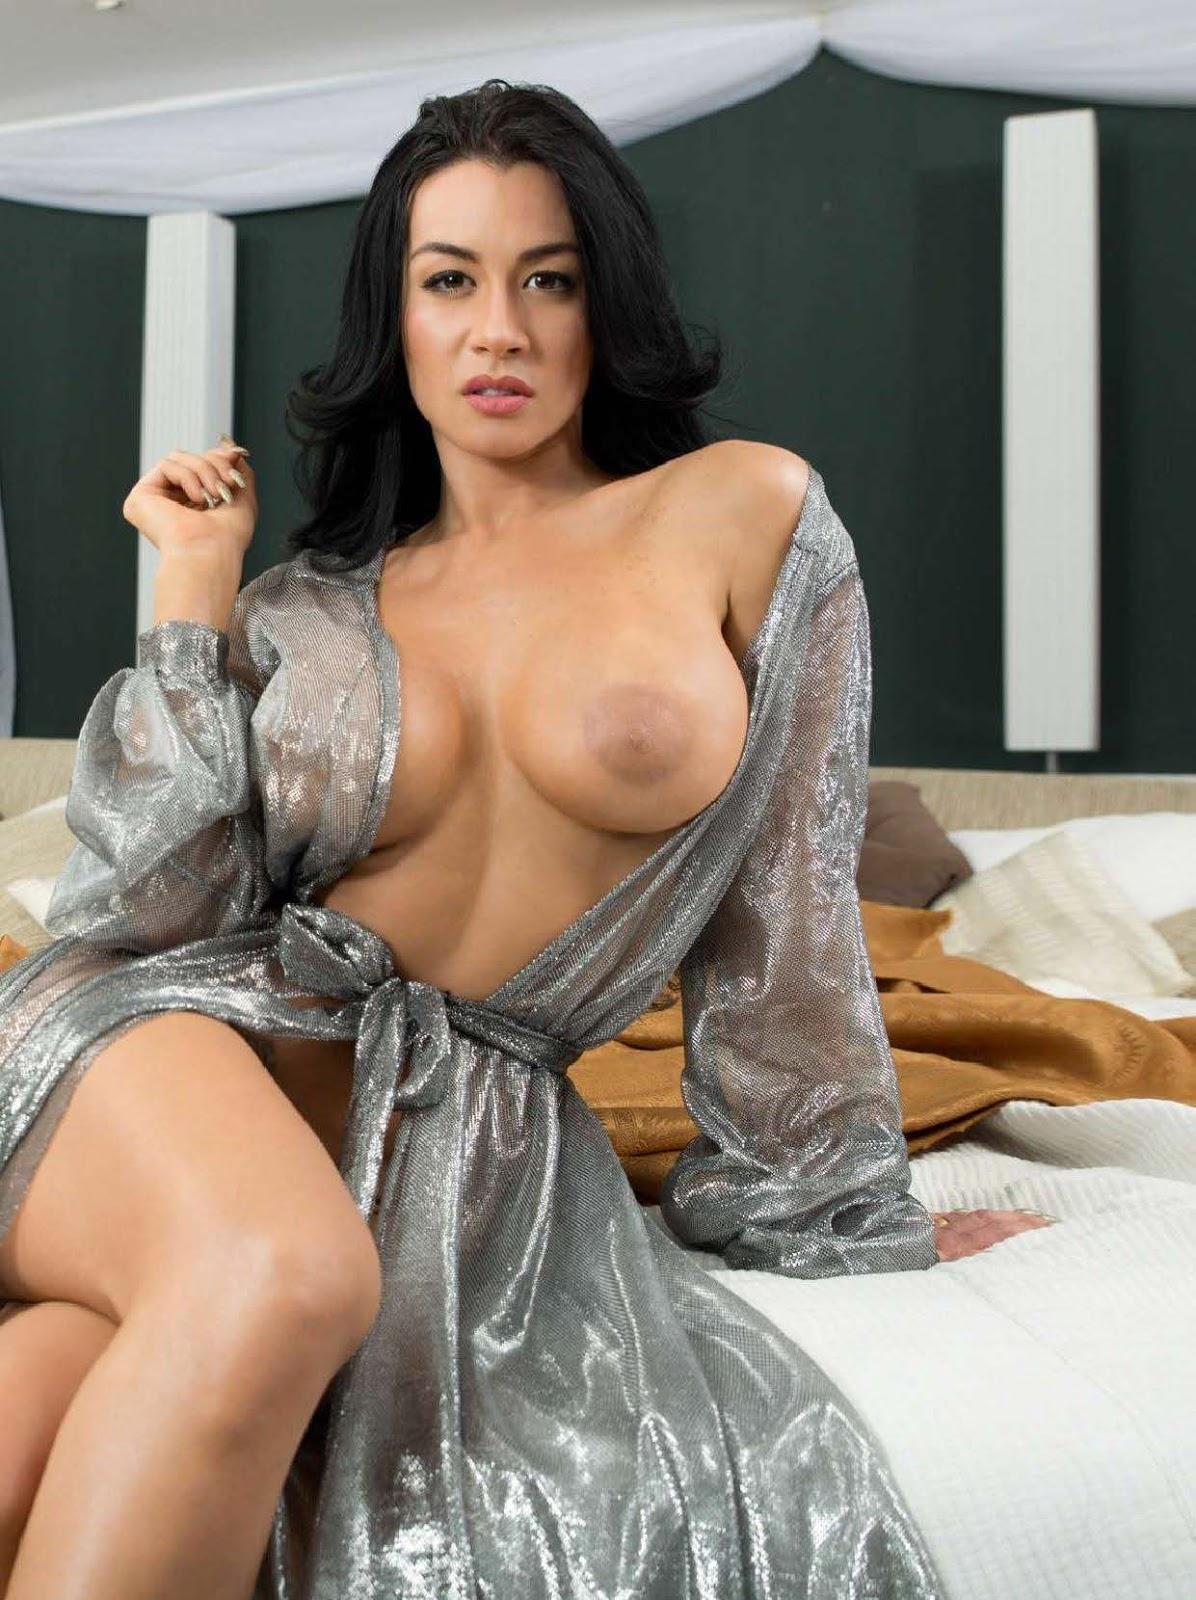 Viviana gibelli nud a